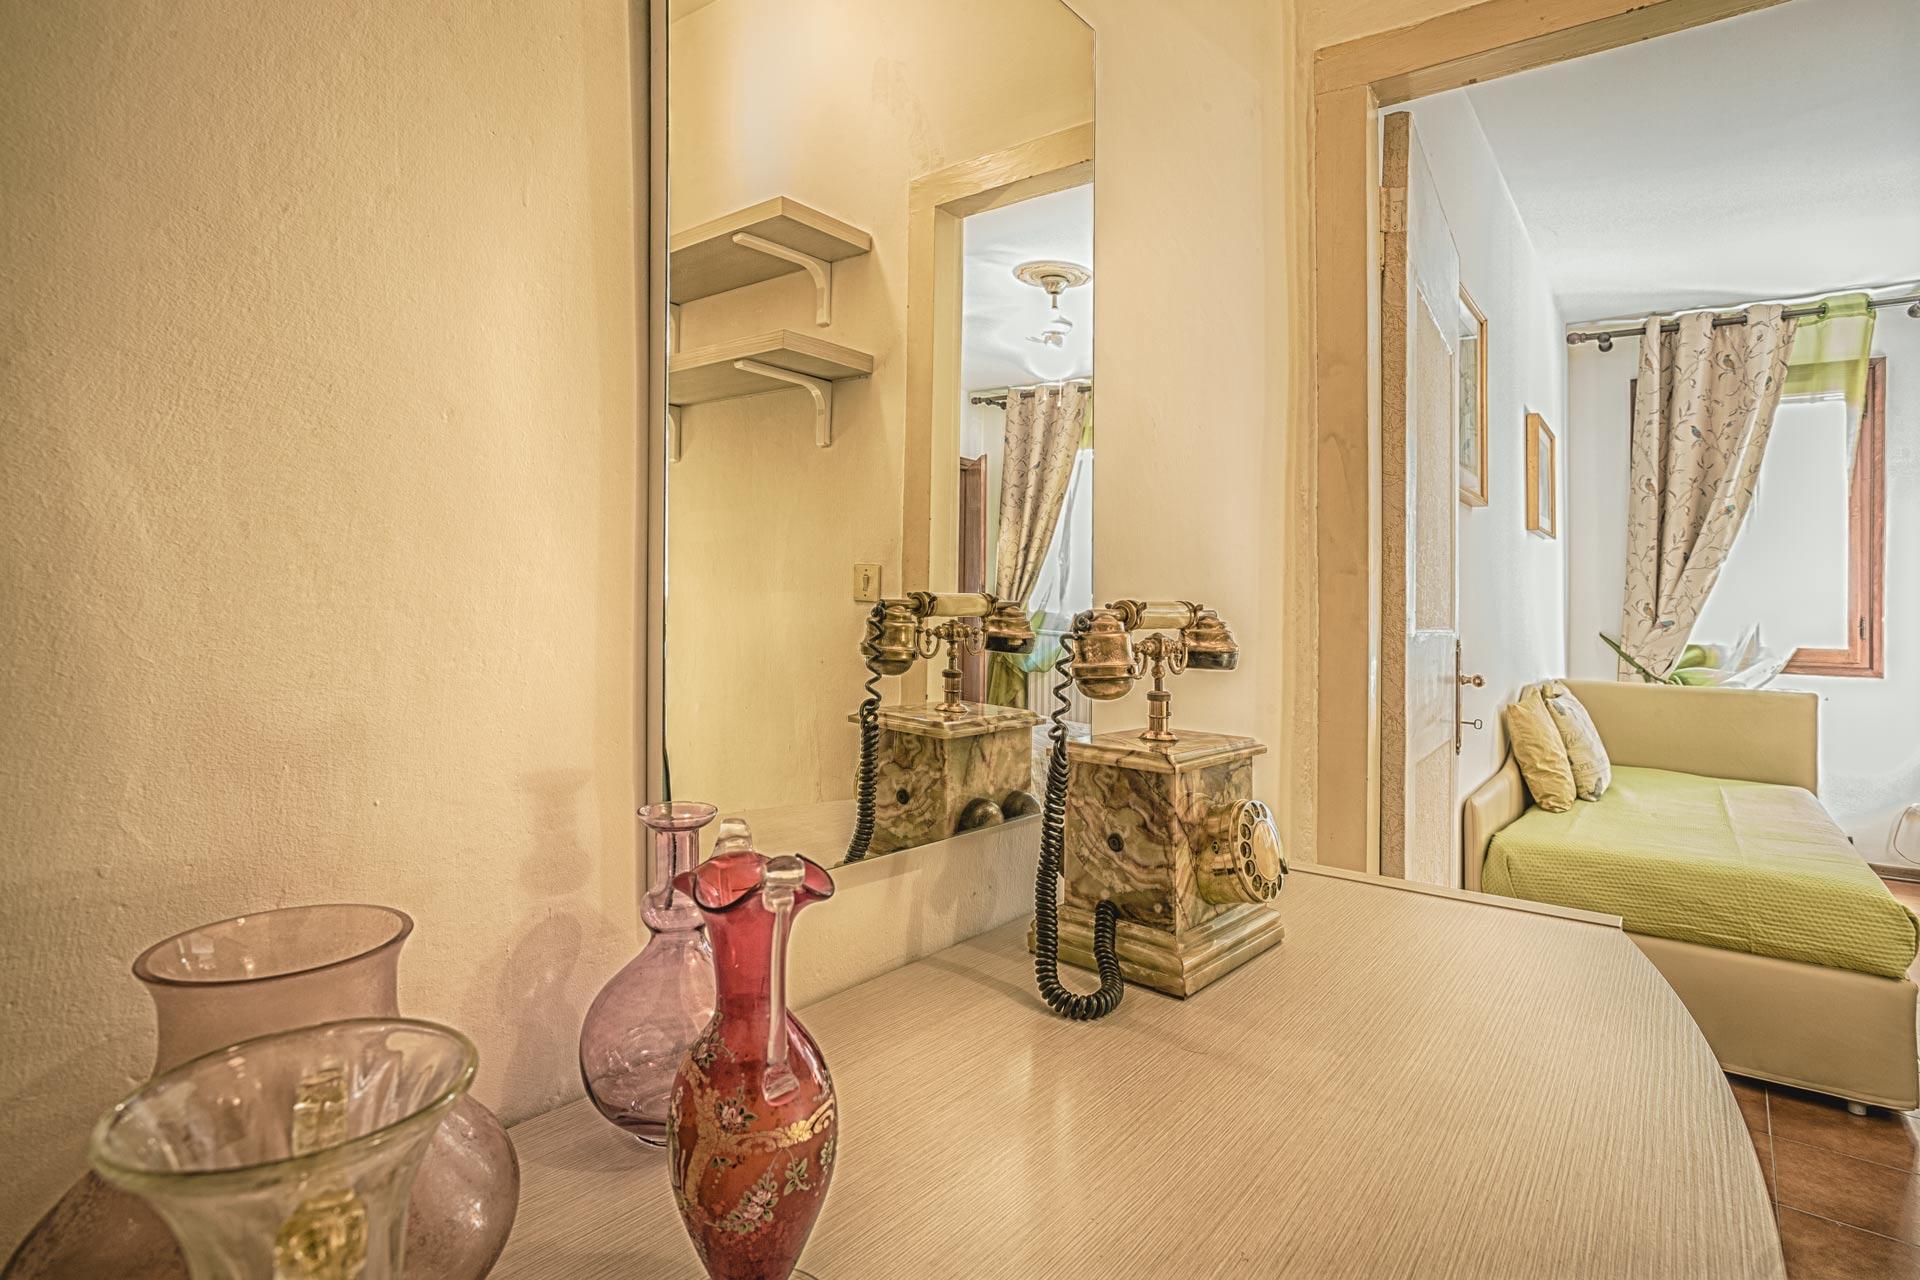 Otello - Venice Dream House Apartments